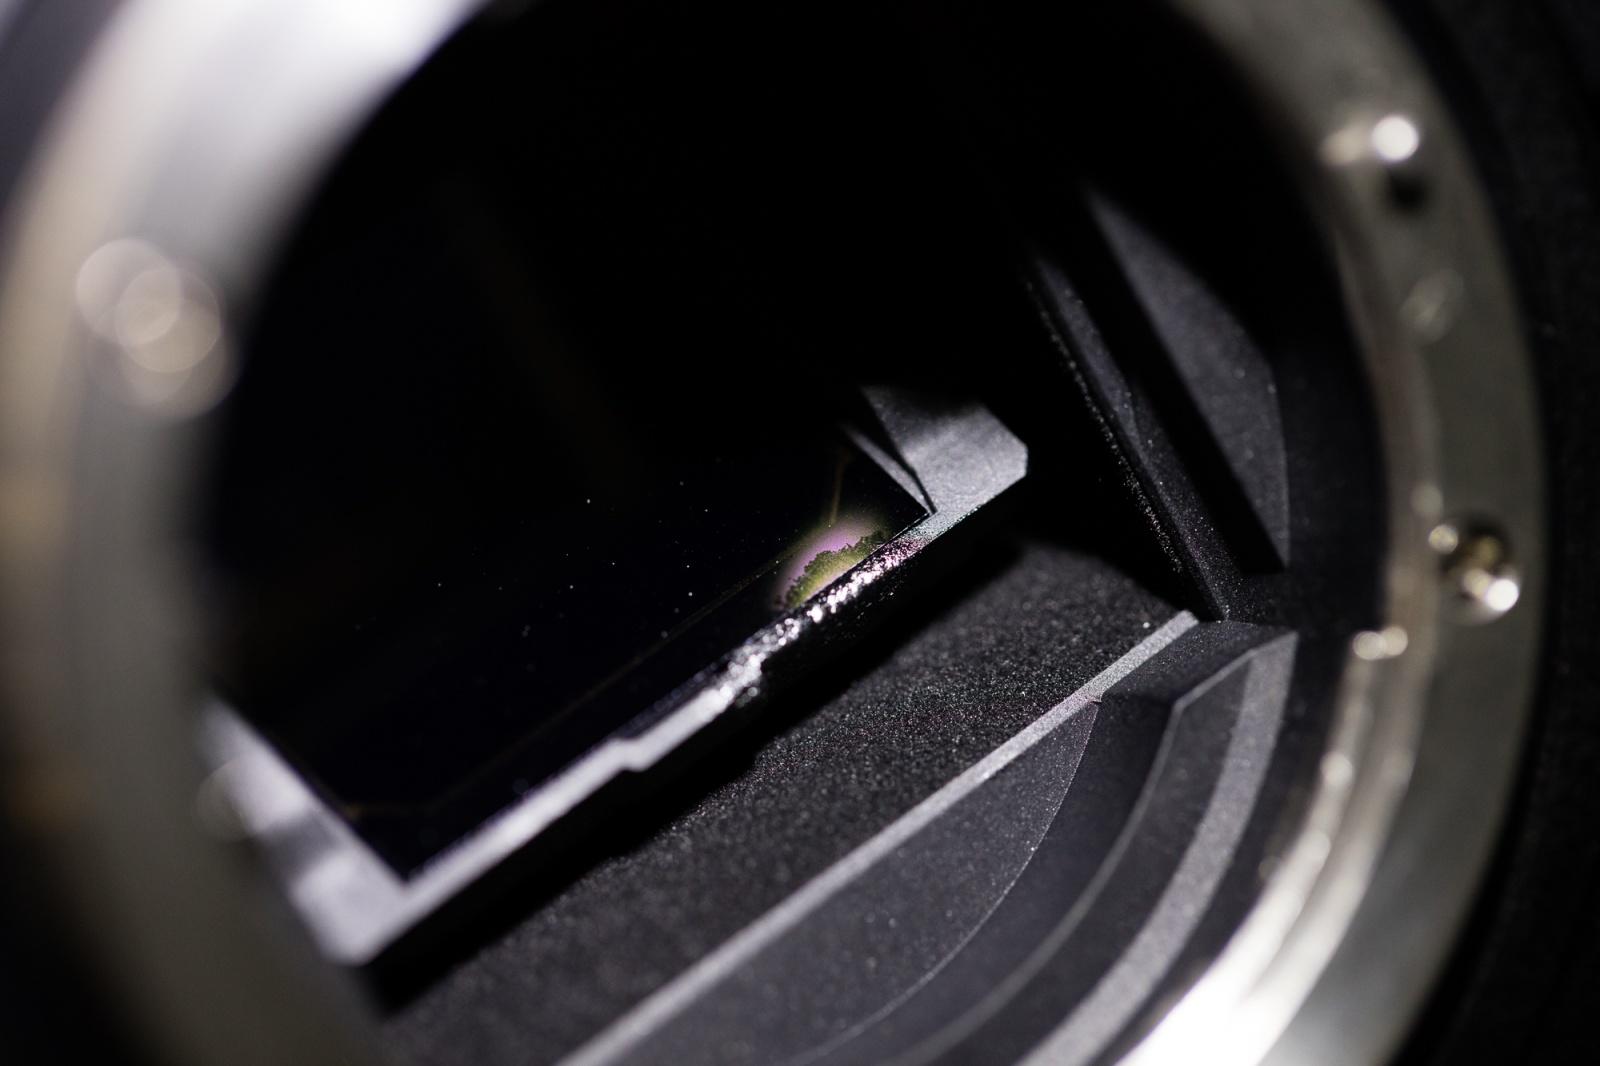 Прокатное фотографическое оборудование, повреждённое солнечным затмением - 6